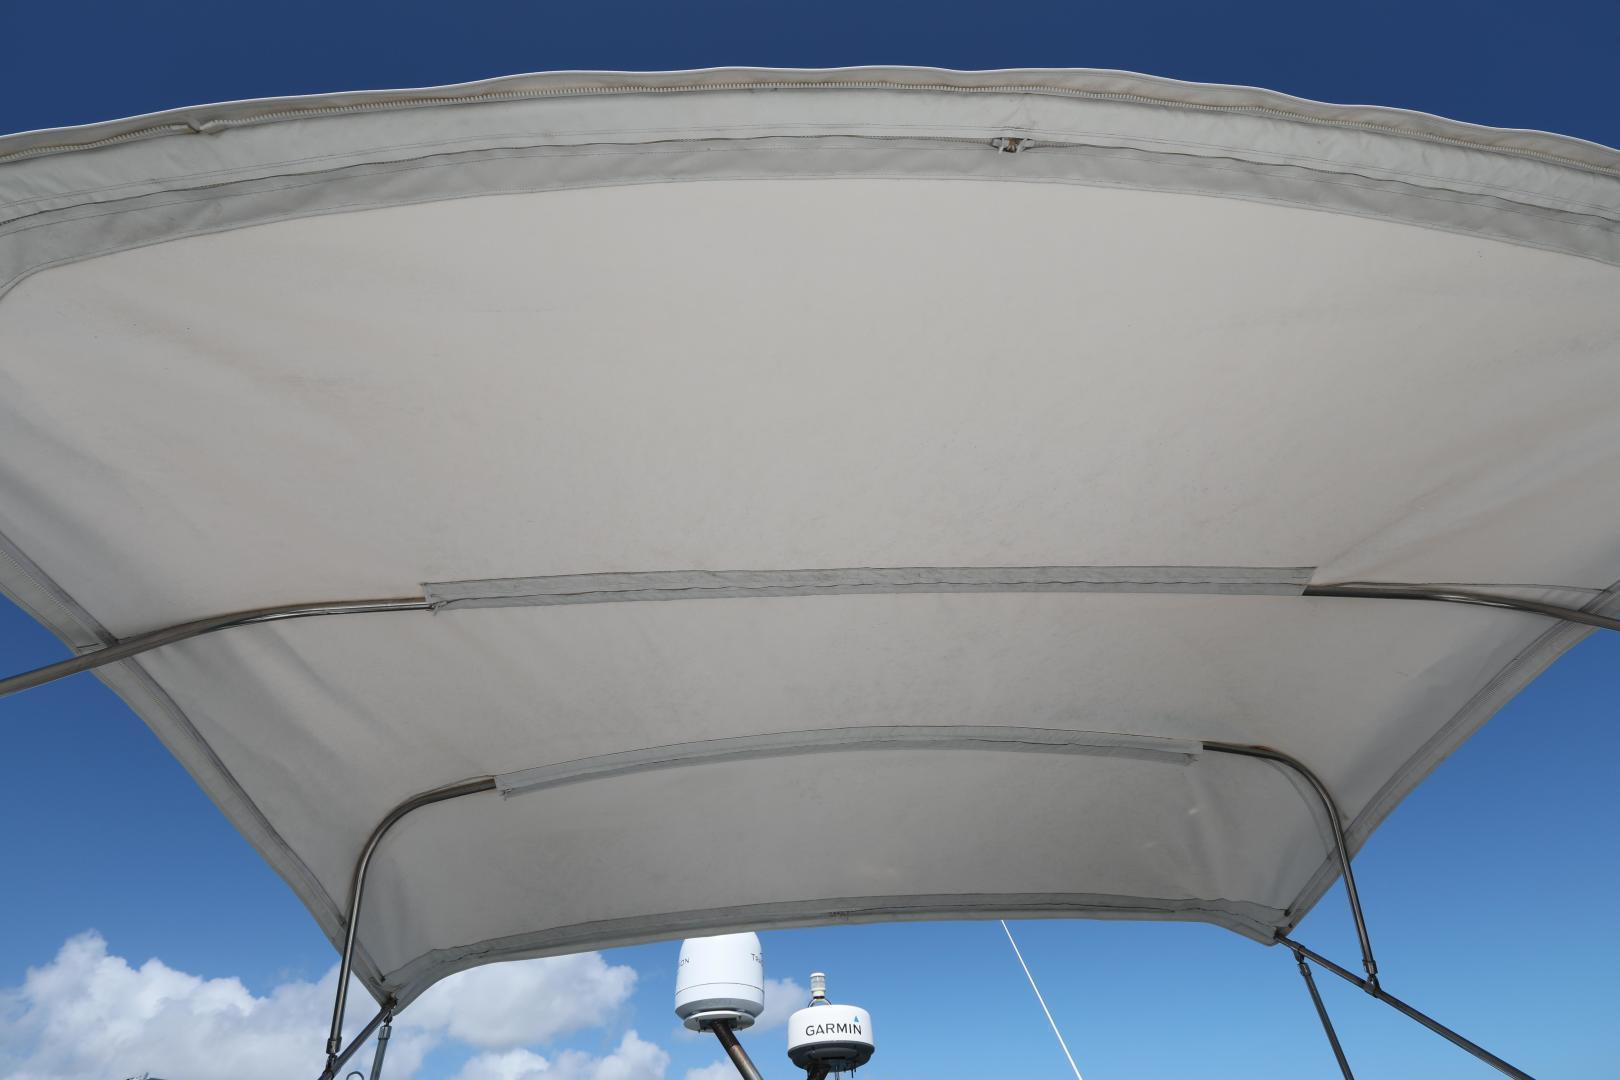 Rodman-Flybridge 2004-La Meli Miami Beach-Florida-United States-1566571 | Thumbnail